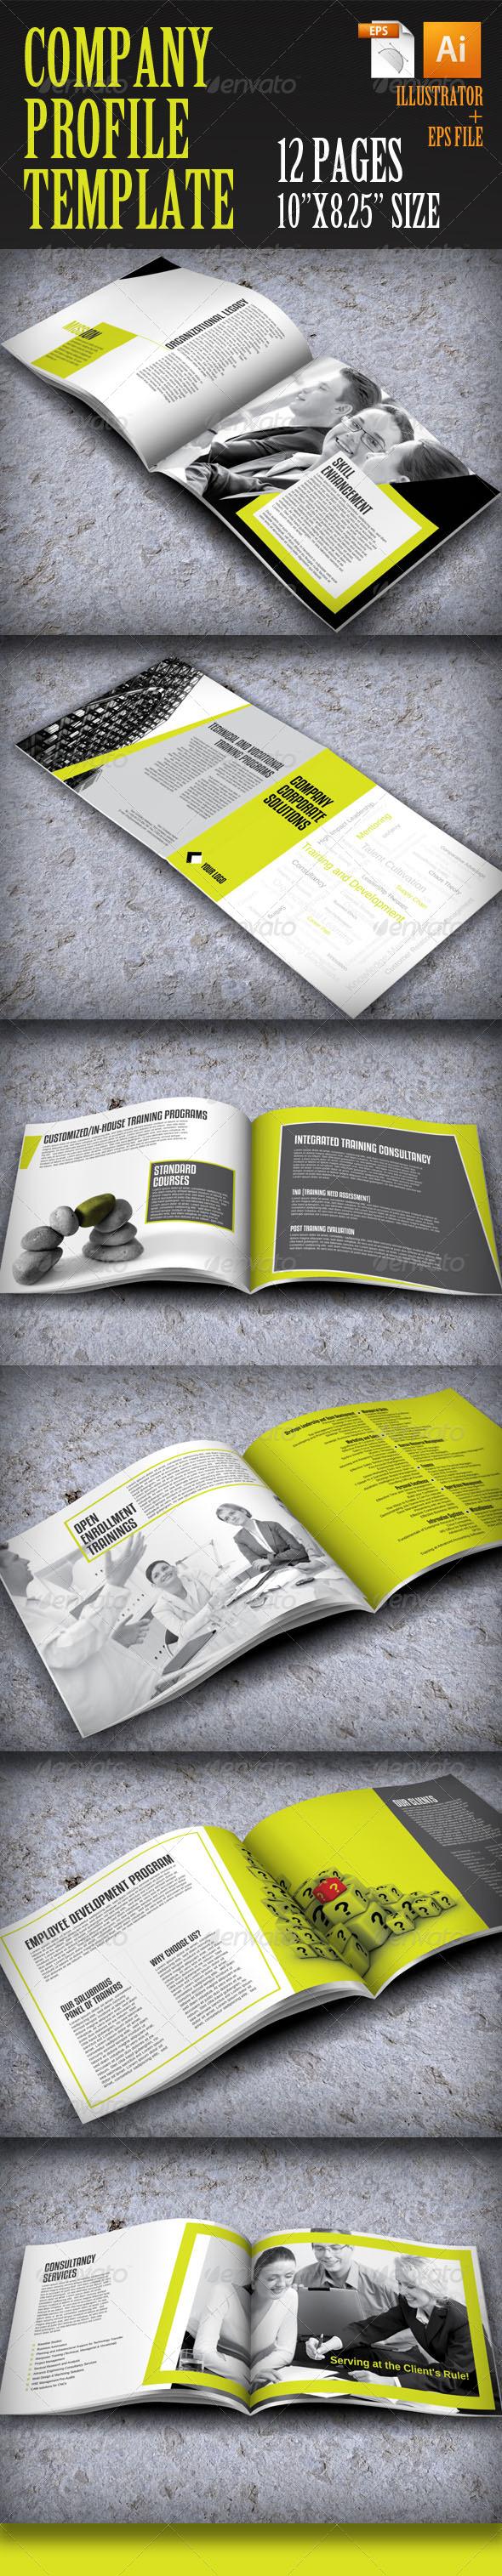 GraphicRiver Company Profile Template 4034201